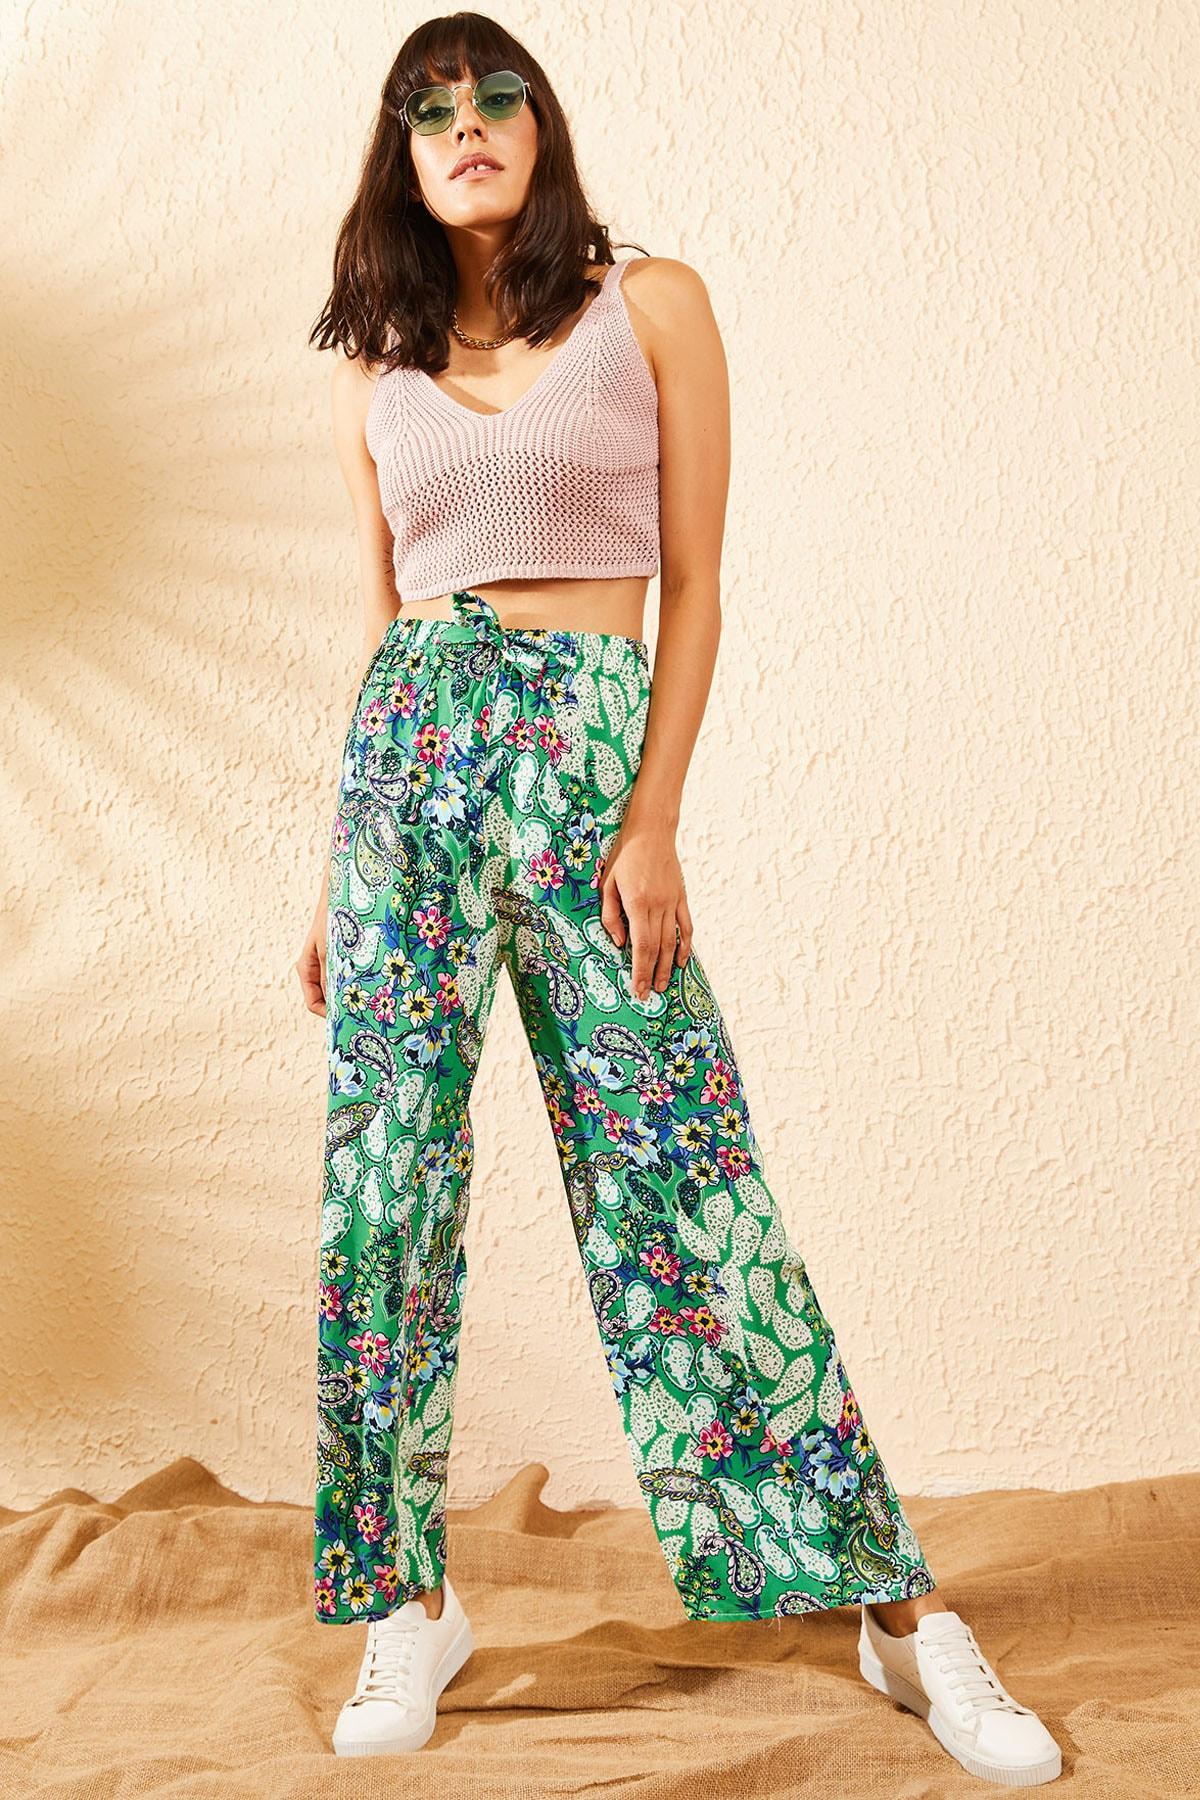 Bianco Lucci Kadın Yeşil Beli Lastikli Çiçek Desenli Bol Paça Pantolon 10101003 2